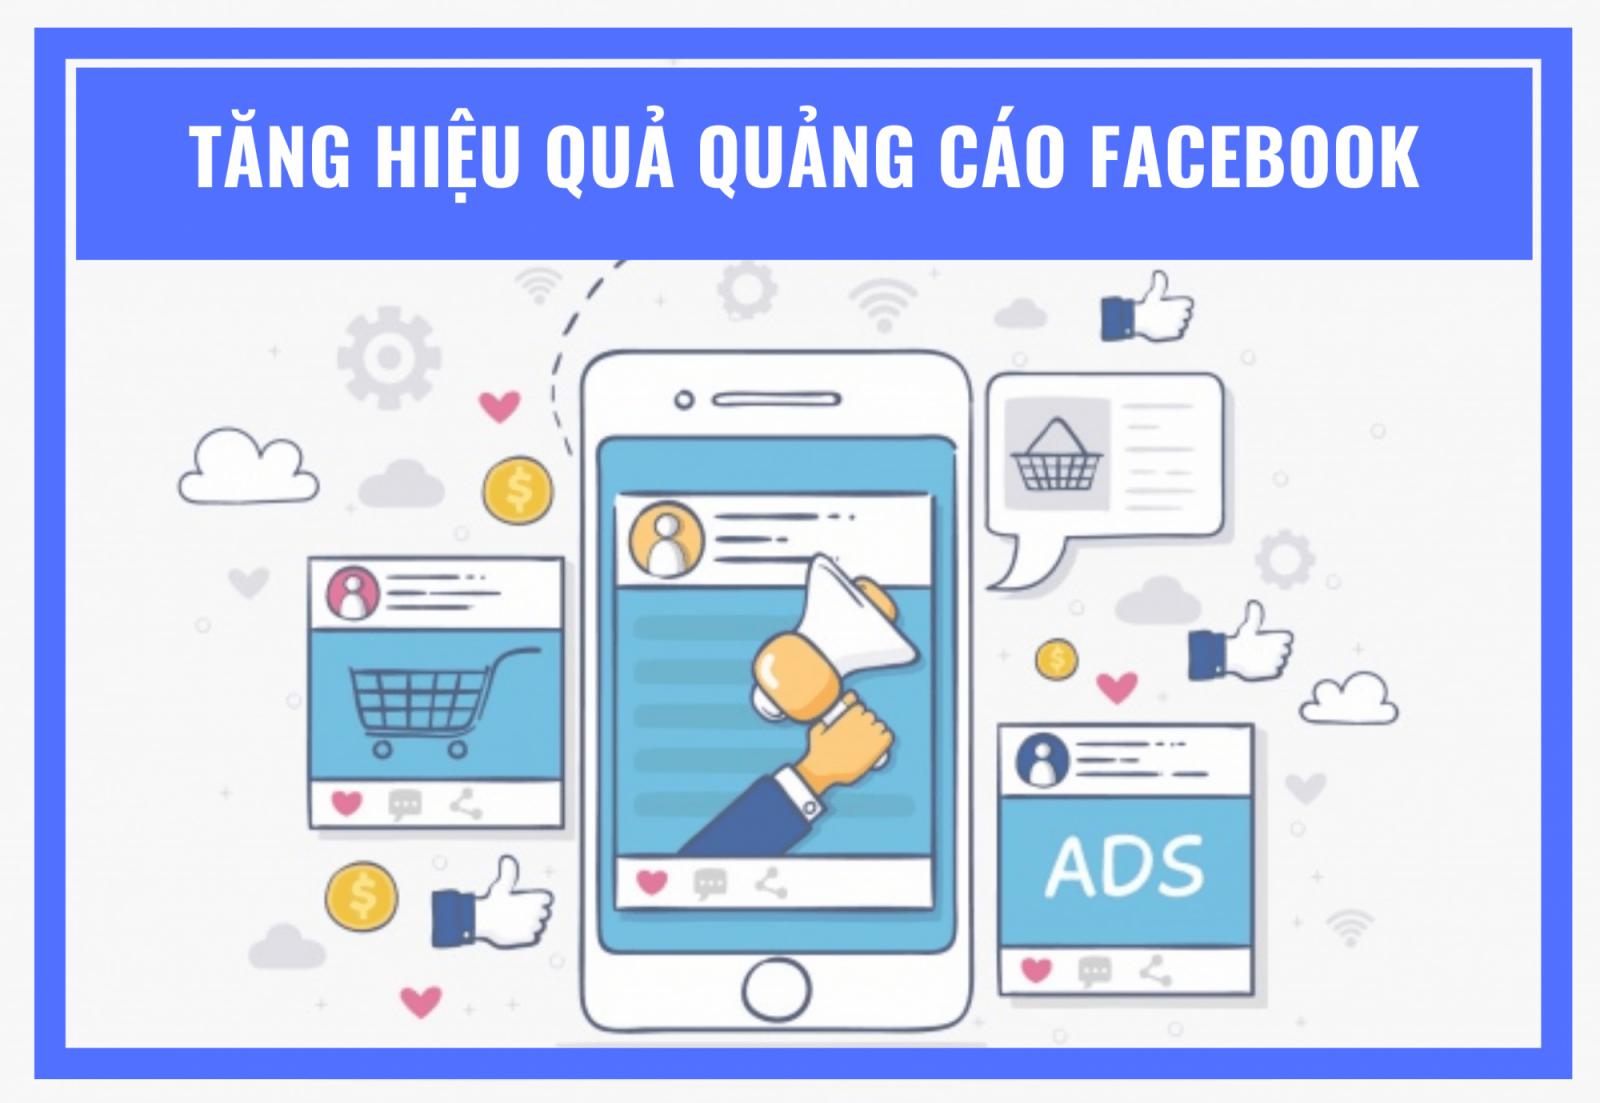 cach-tang-hieu-qua-quang-cao-facebook-dip-cuoi-nam